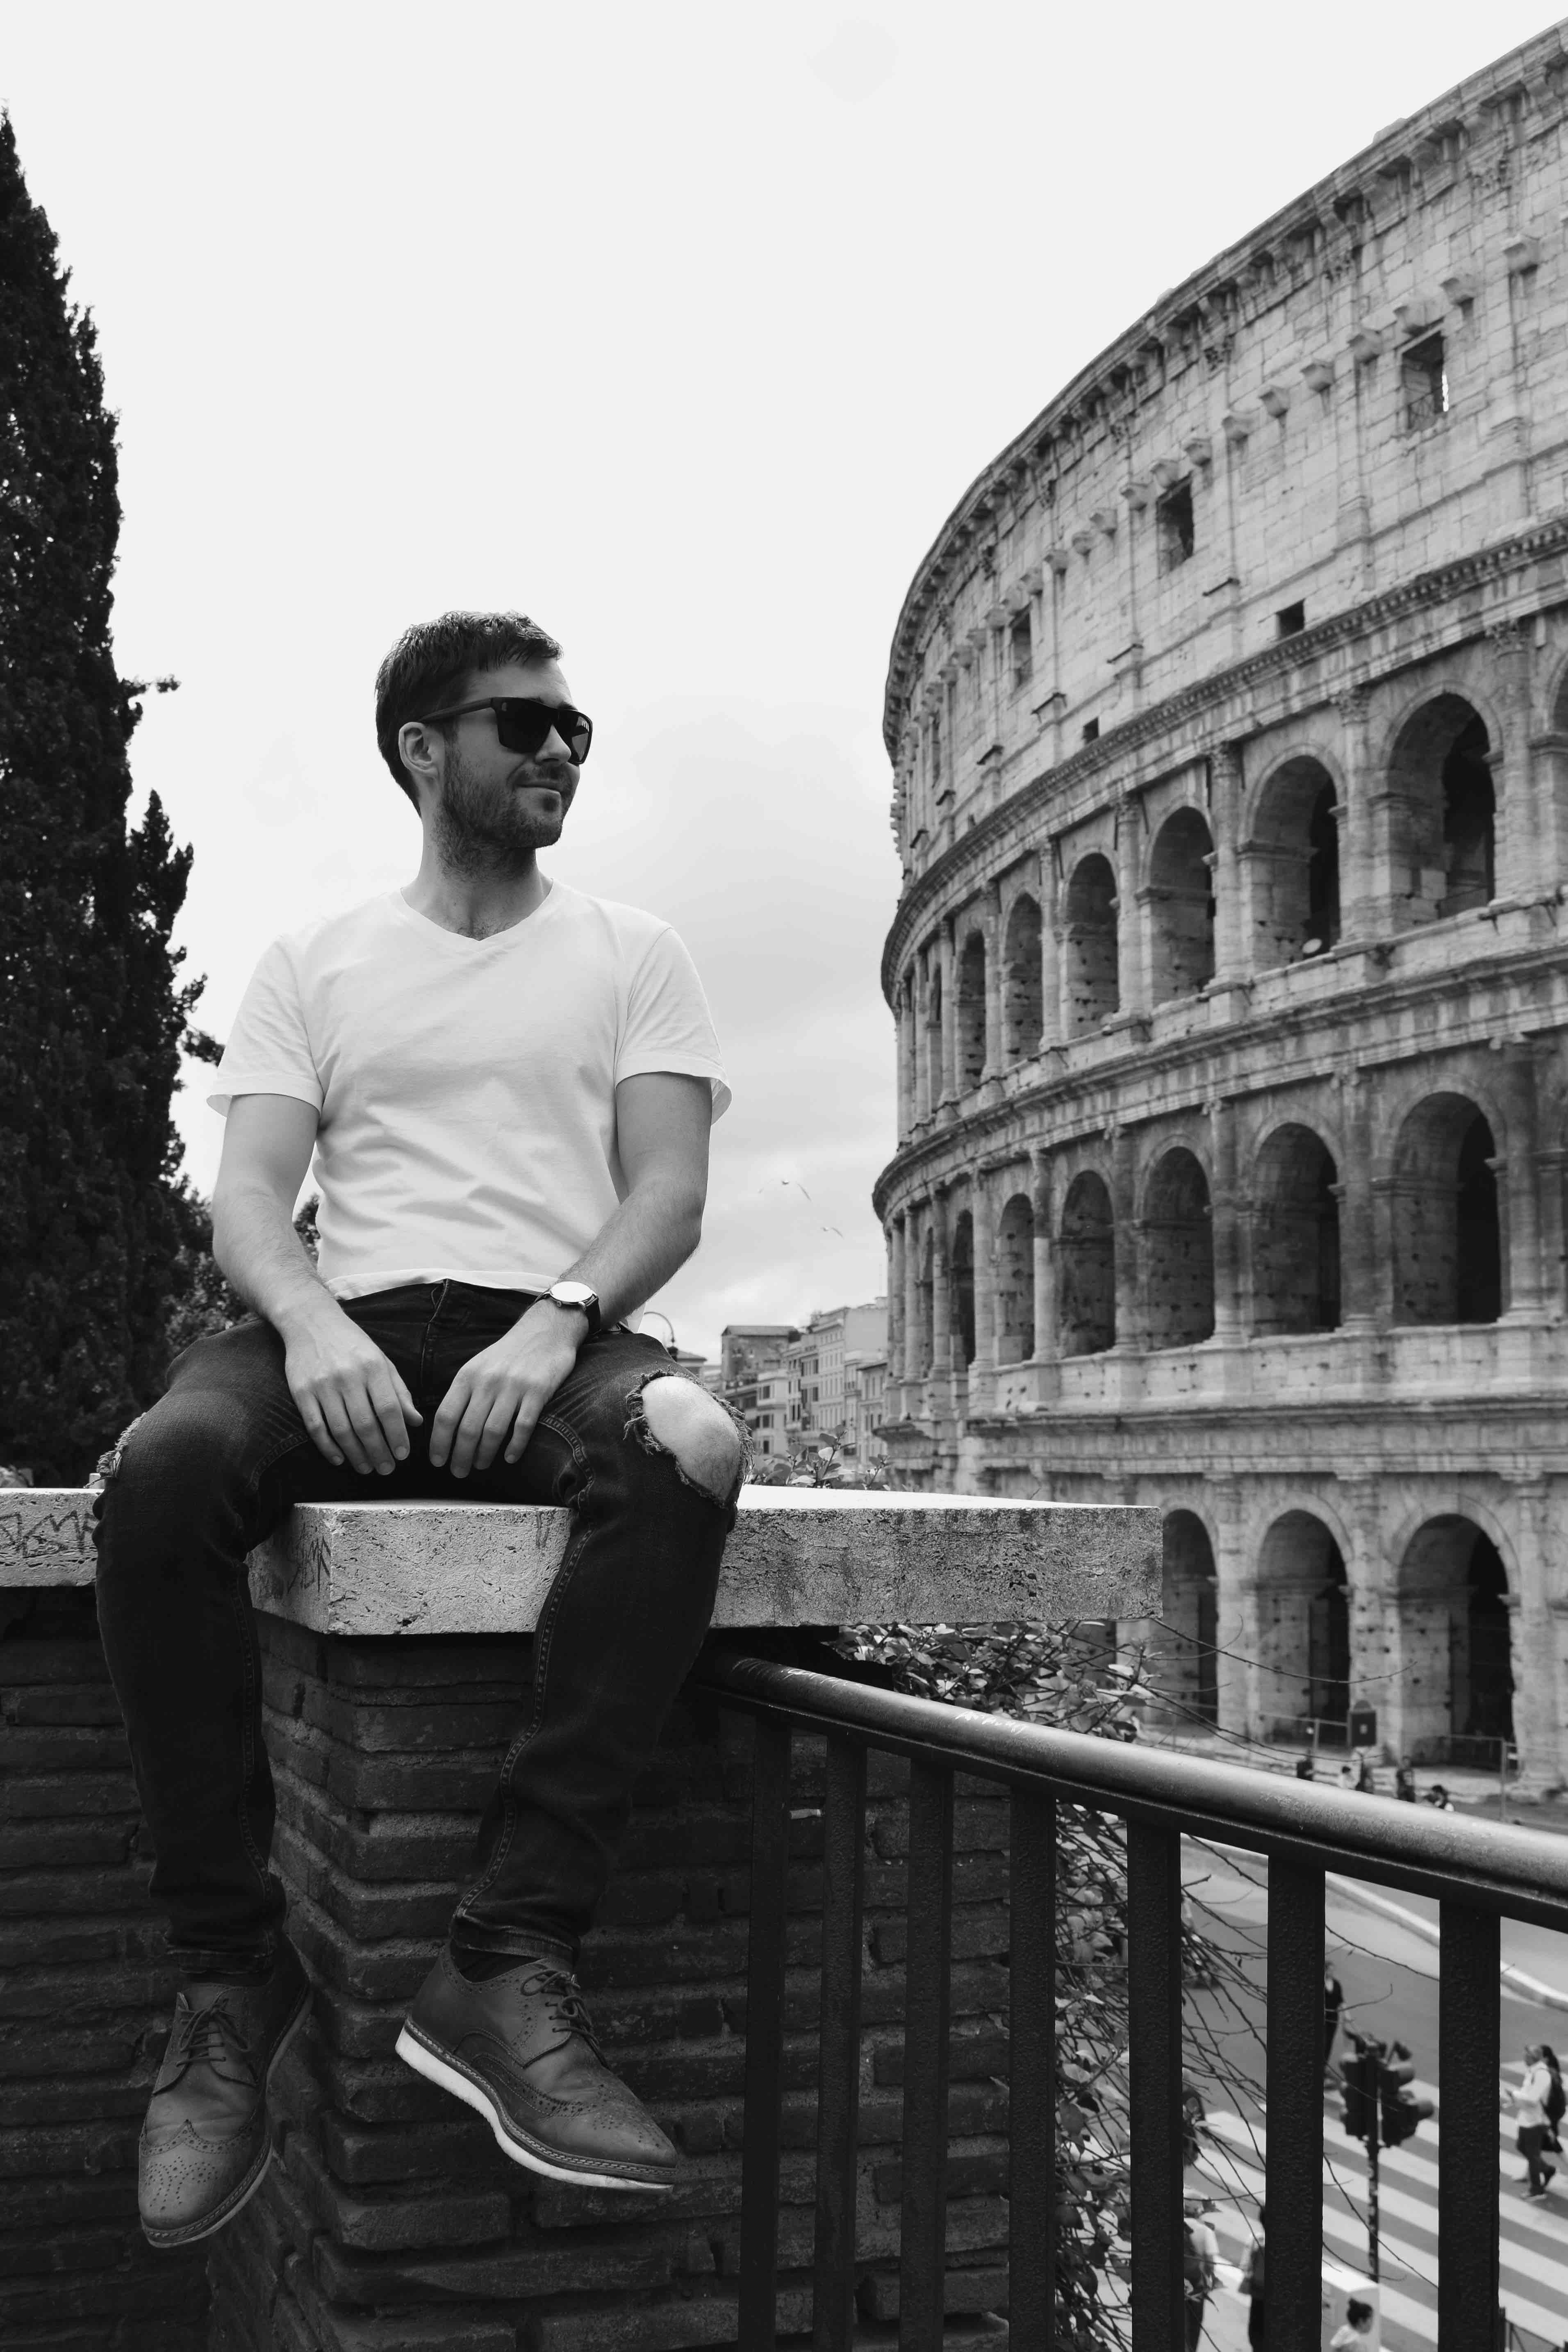 Spending money in Rome. Colosseum.